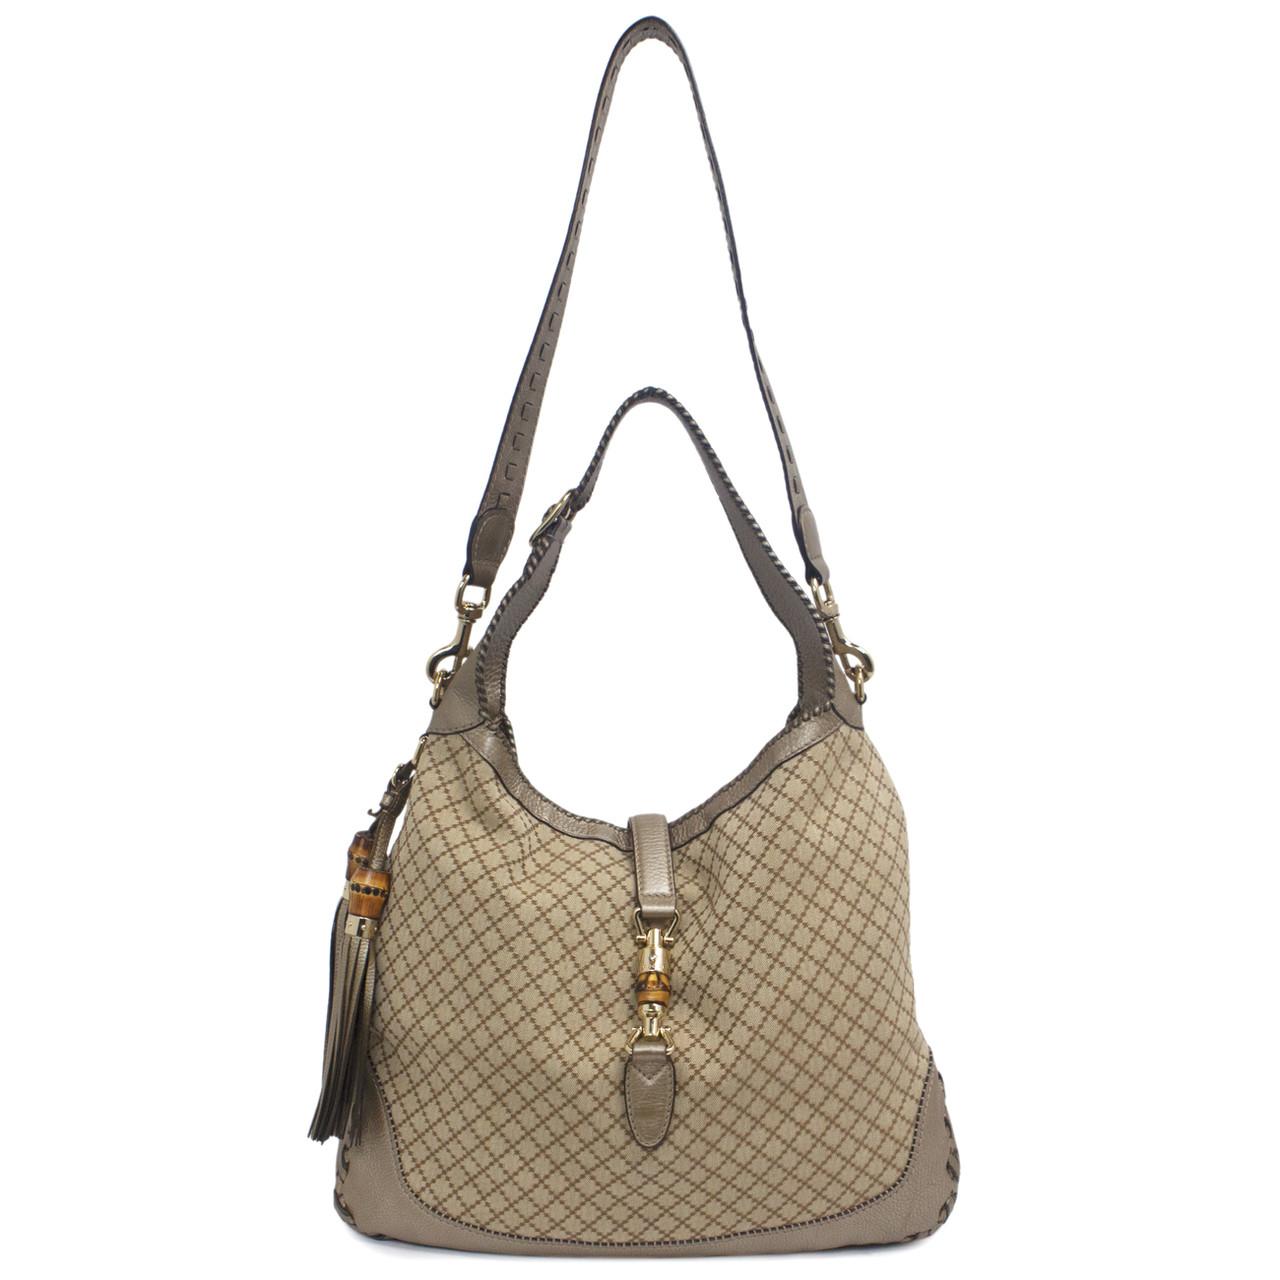 d3dc9ef552a0 Gucci Large New Jackie Shoulder Bag - modaselle